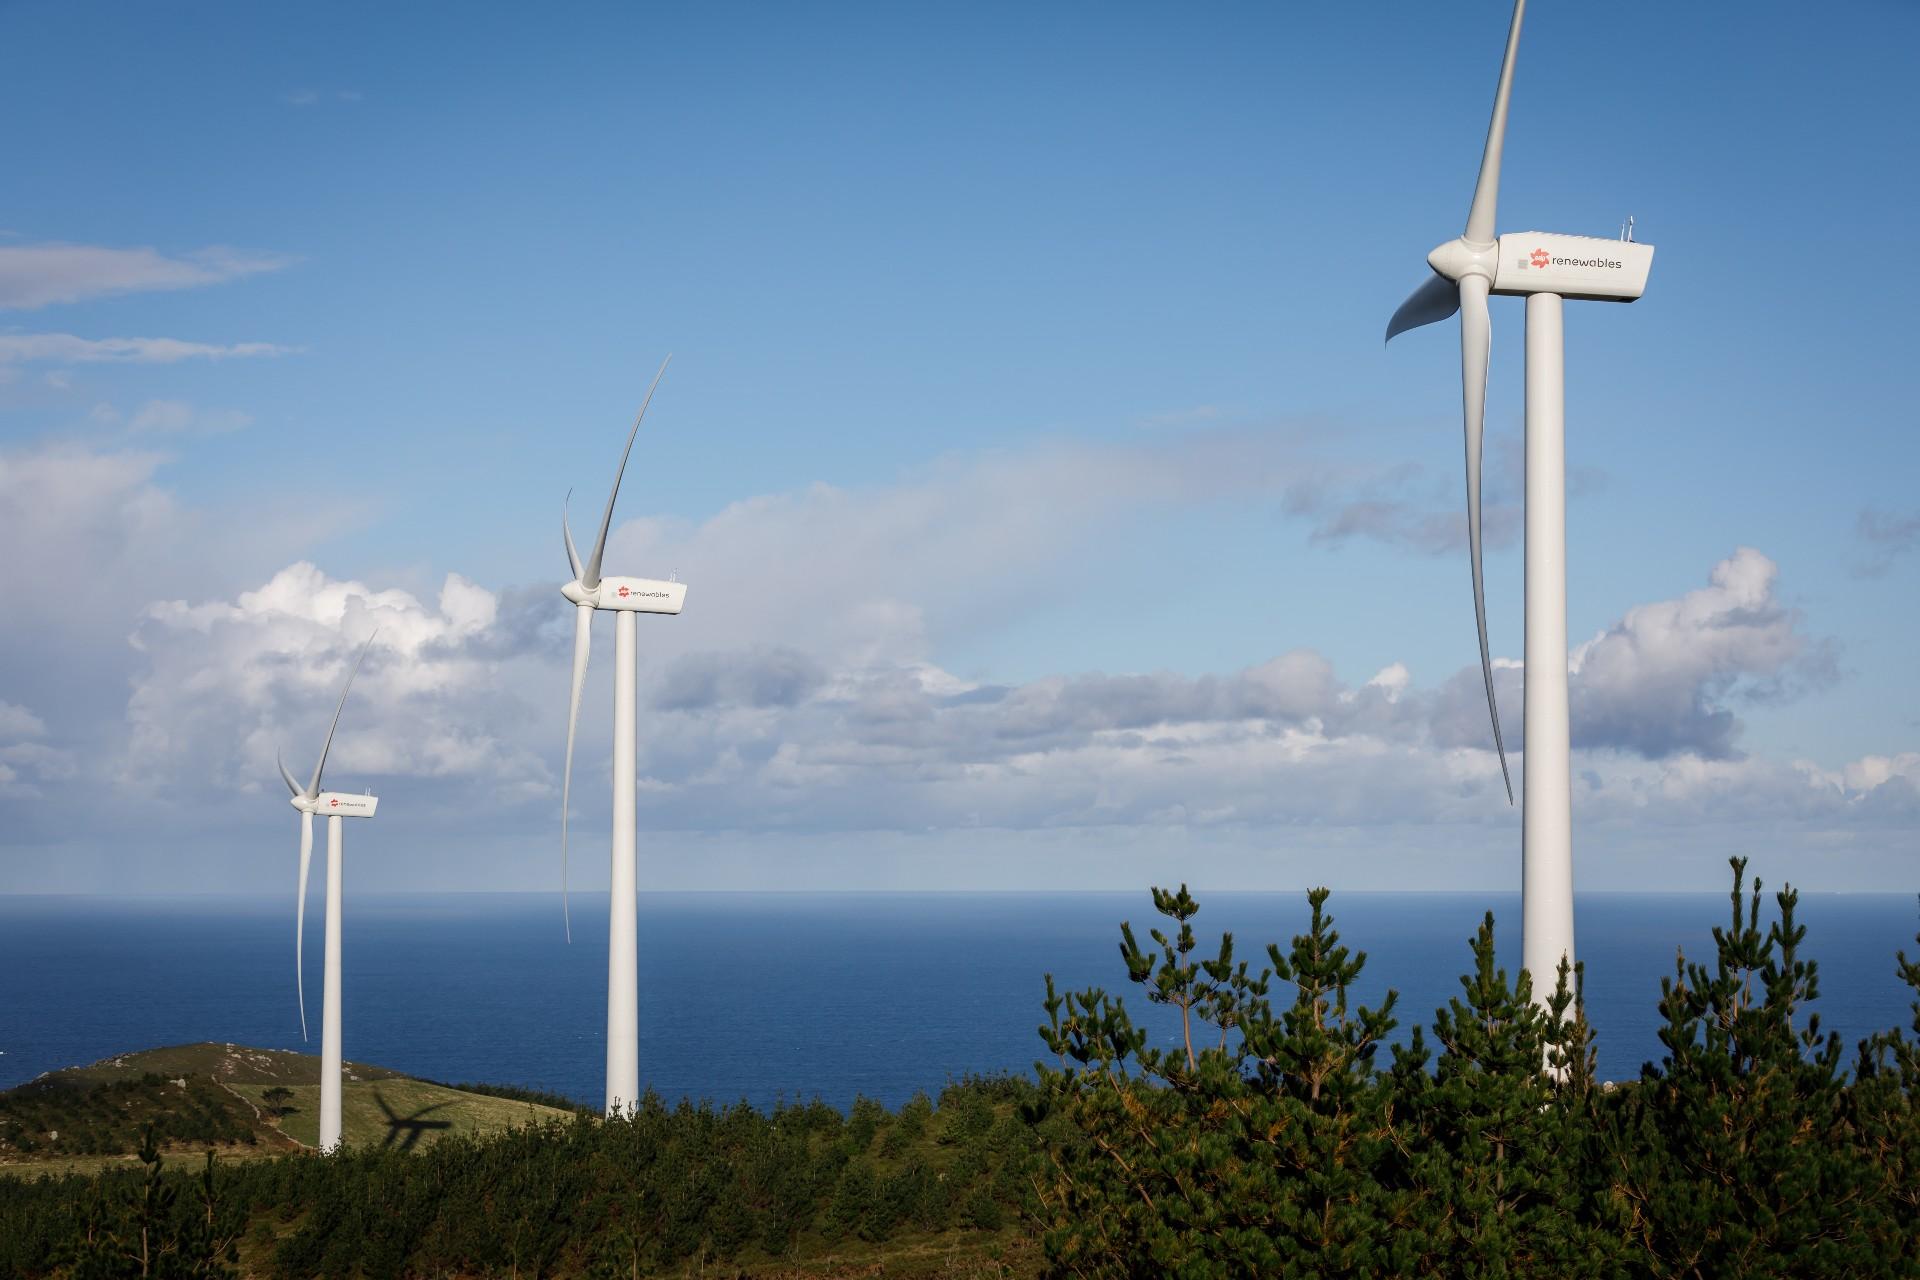 Η EDPR ξεκίνησε τη δραστηριότητά της στην Ελλάδα με την εξαγορά ενός υπό ανάπτυξη αιολικού πάρκου ισχύος 45MW © EDPR